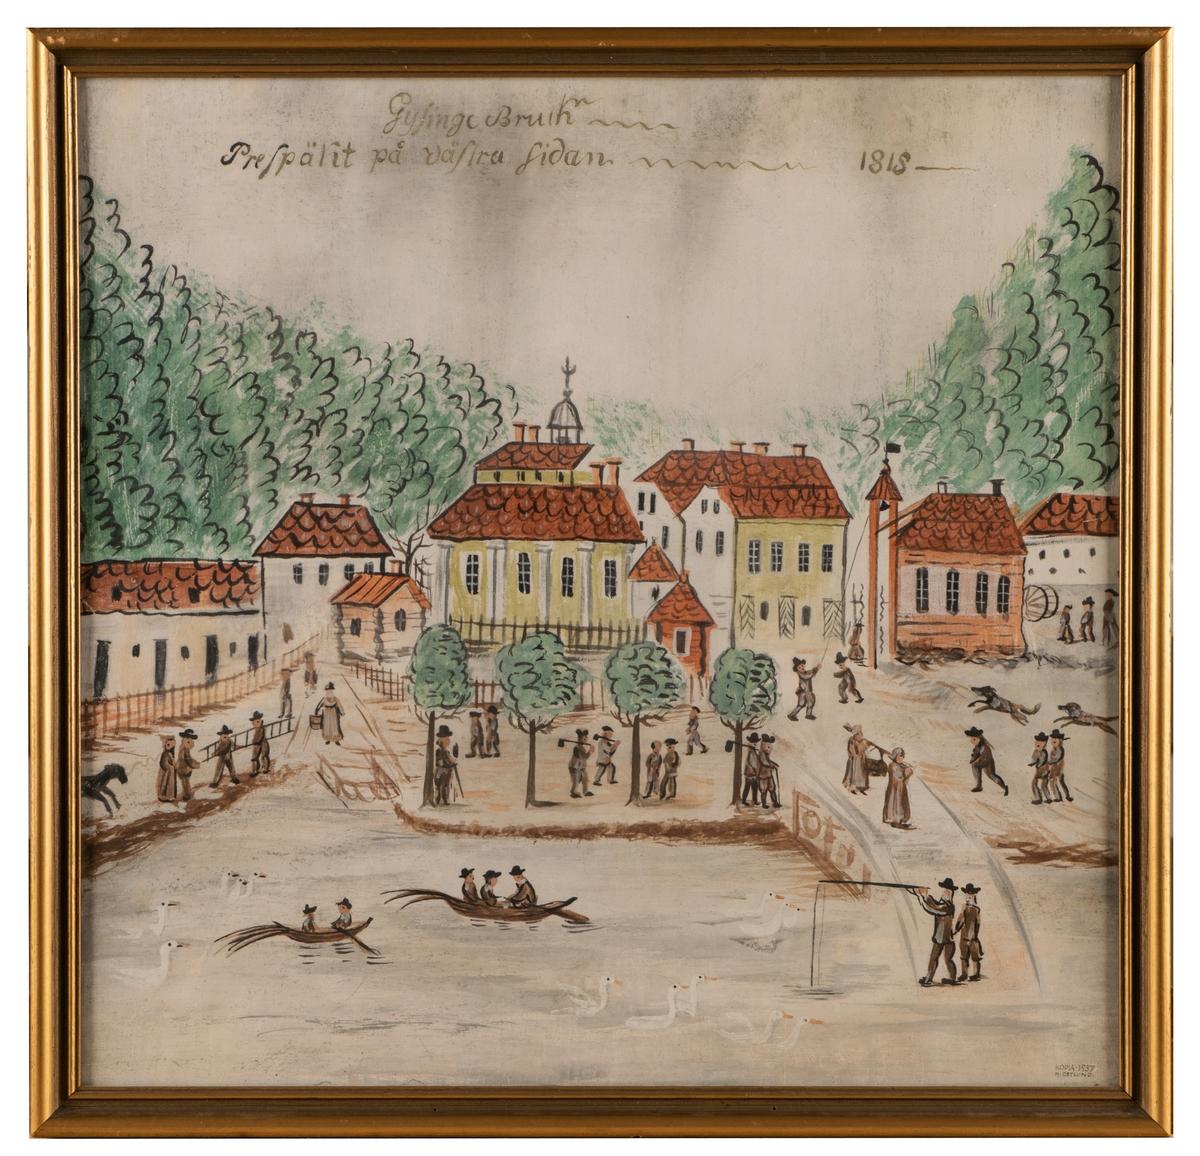 """Målning, ev limfärg, föreställande vy över Gysinge bruk från väster, från 1818. I förgrunden män i båtar, i centrum """"flanerande"""" människor med arbetsredskap, i fonden tegeltakstäckta byggnader i gult och vitt.  Text överst: """"Gysinge Bruk - Prespäkt på västra sidan - 1818"""".  Signerad nedtill till höger: """"Kopia 1937 M Östlund"""". Profilerad, glasad ram."""